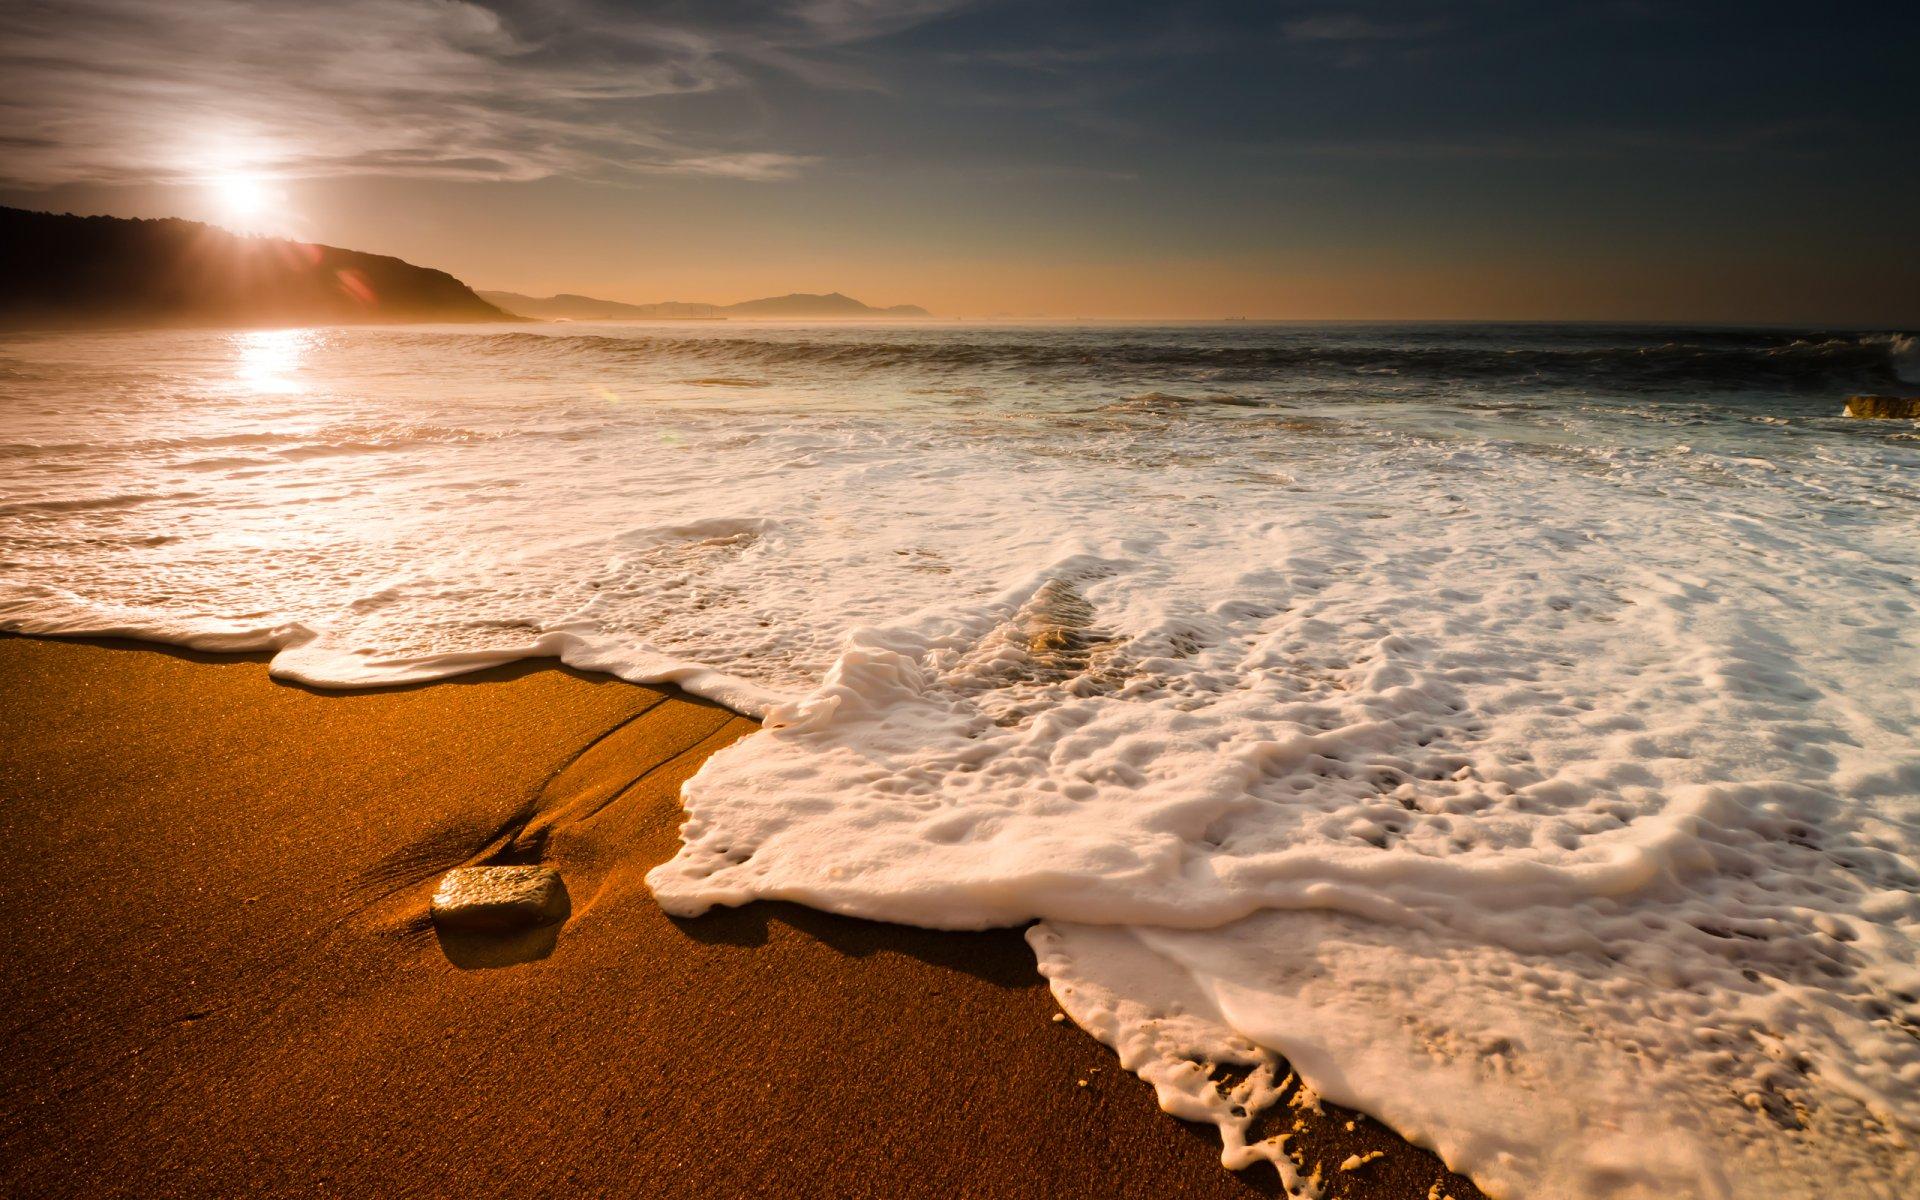 Обои волны. Пейзажи foto 19